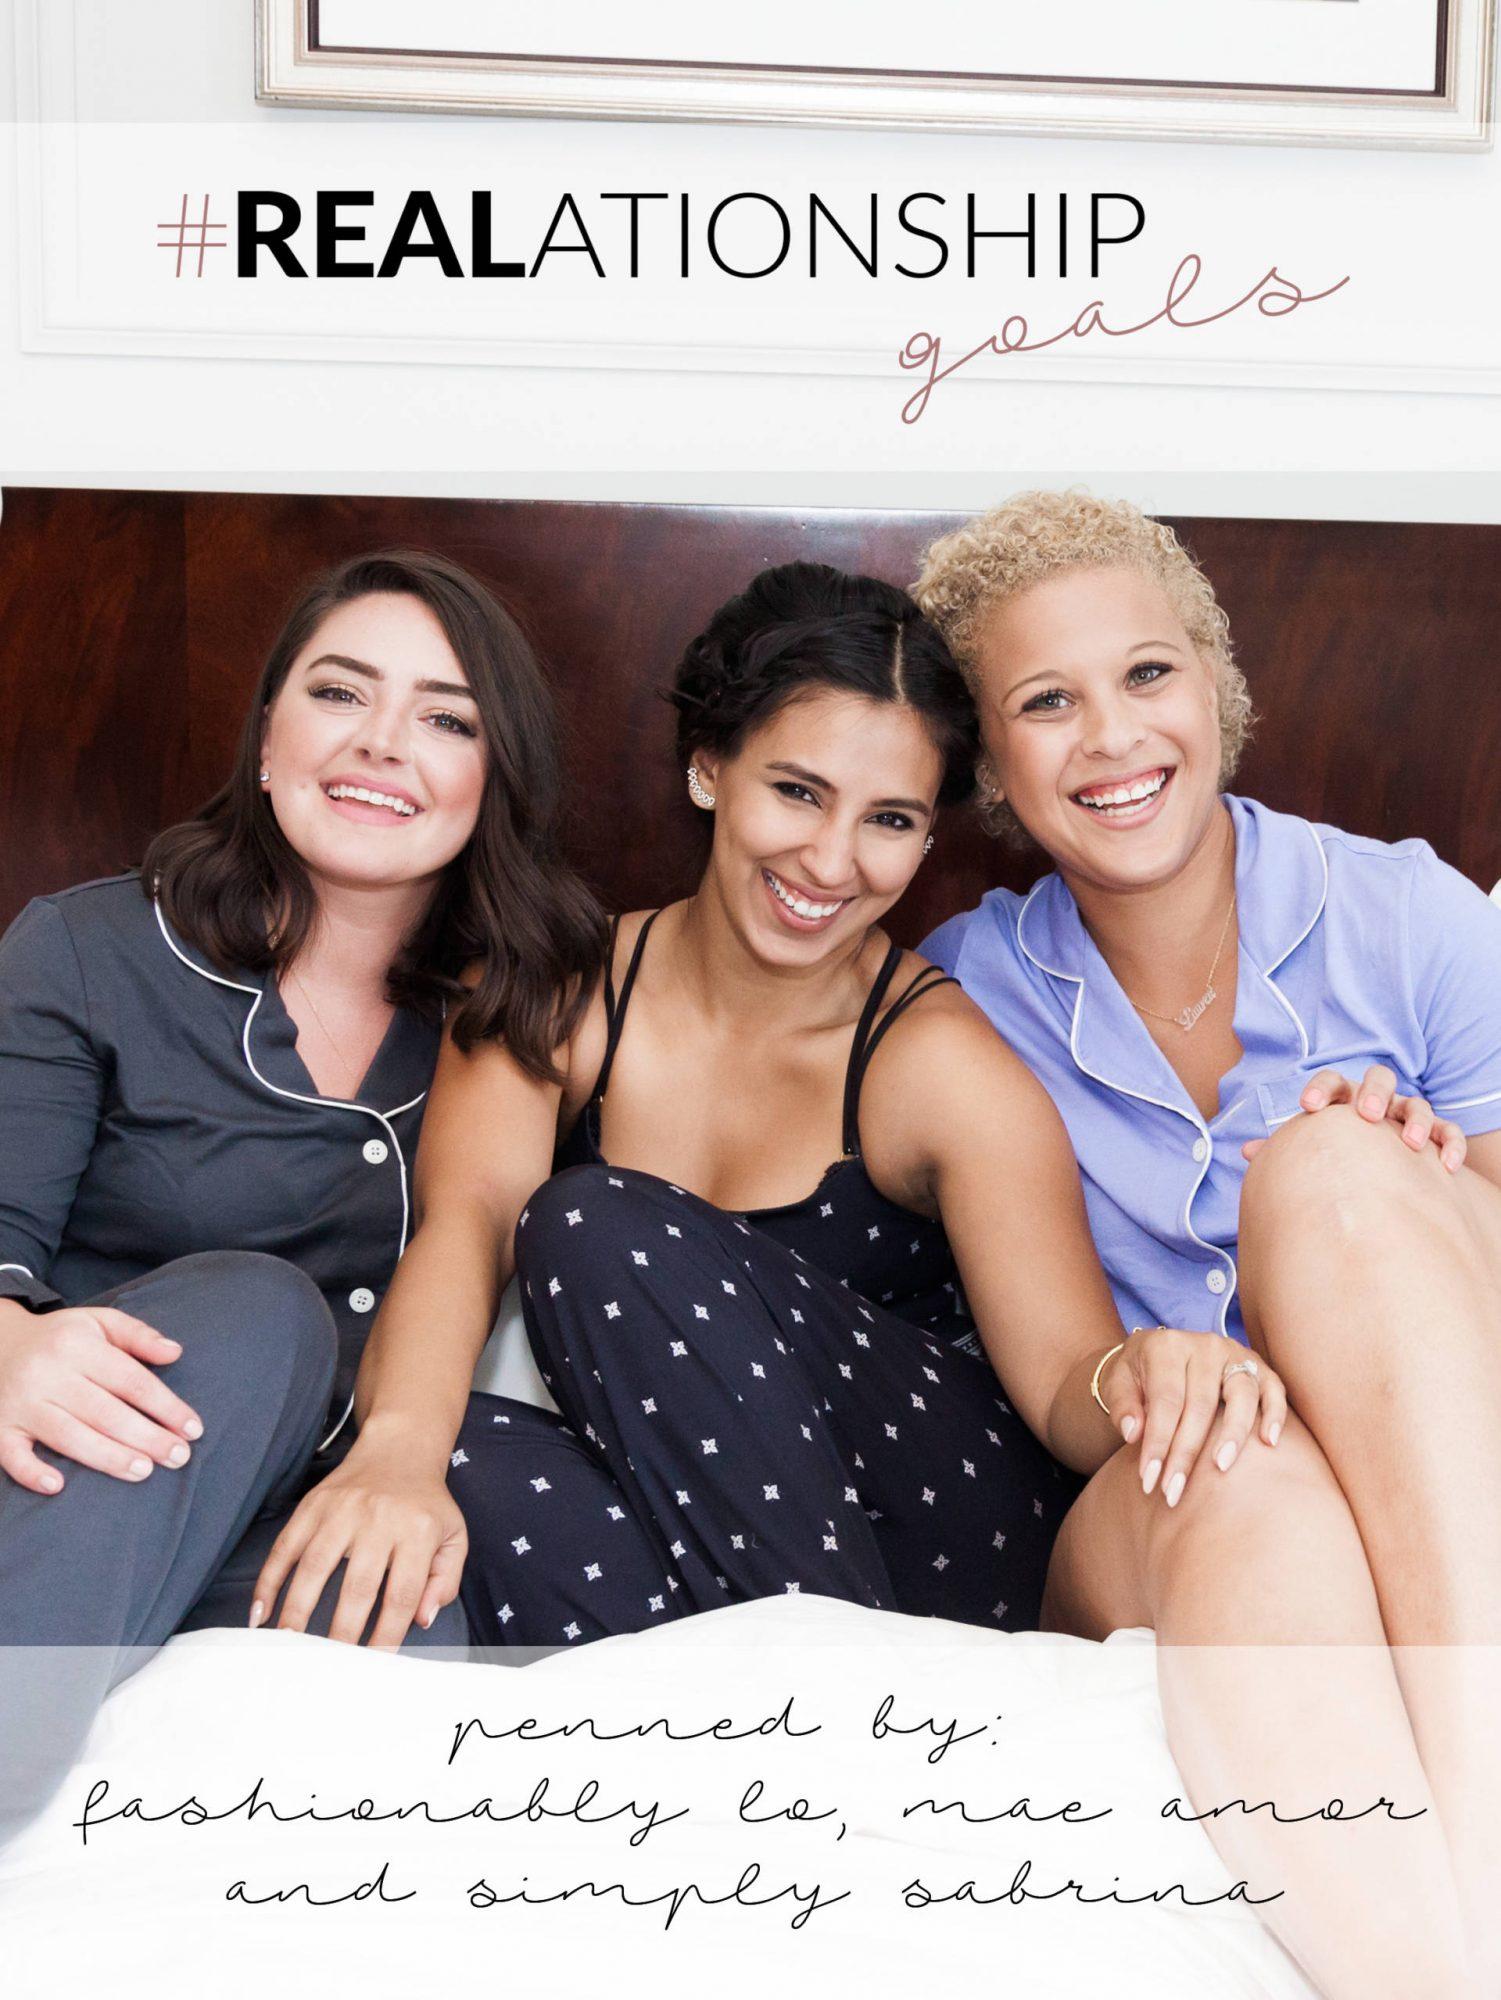 #REALationship Goals | The Kickoff